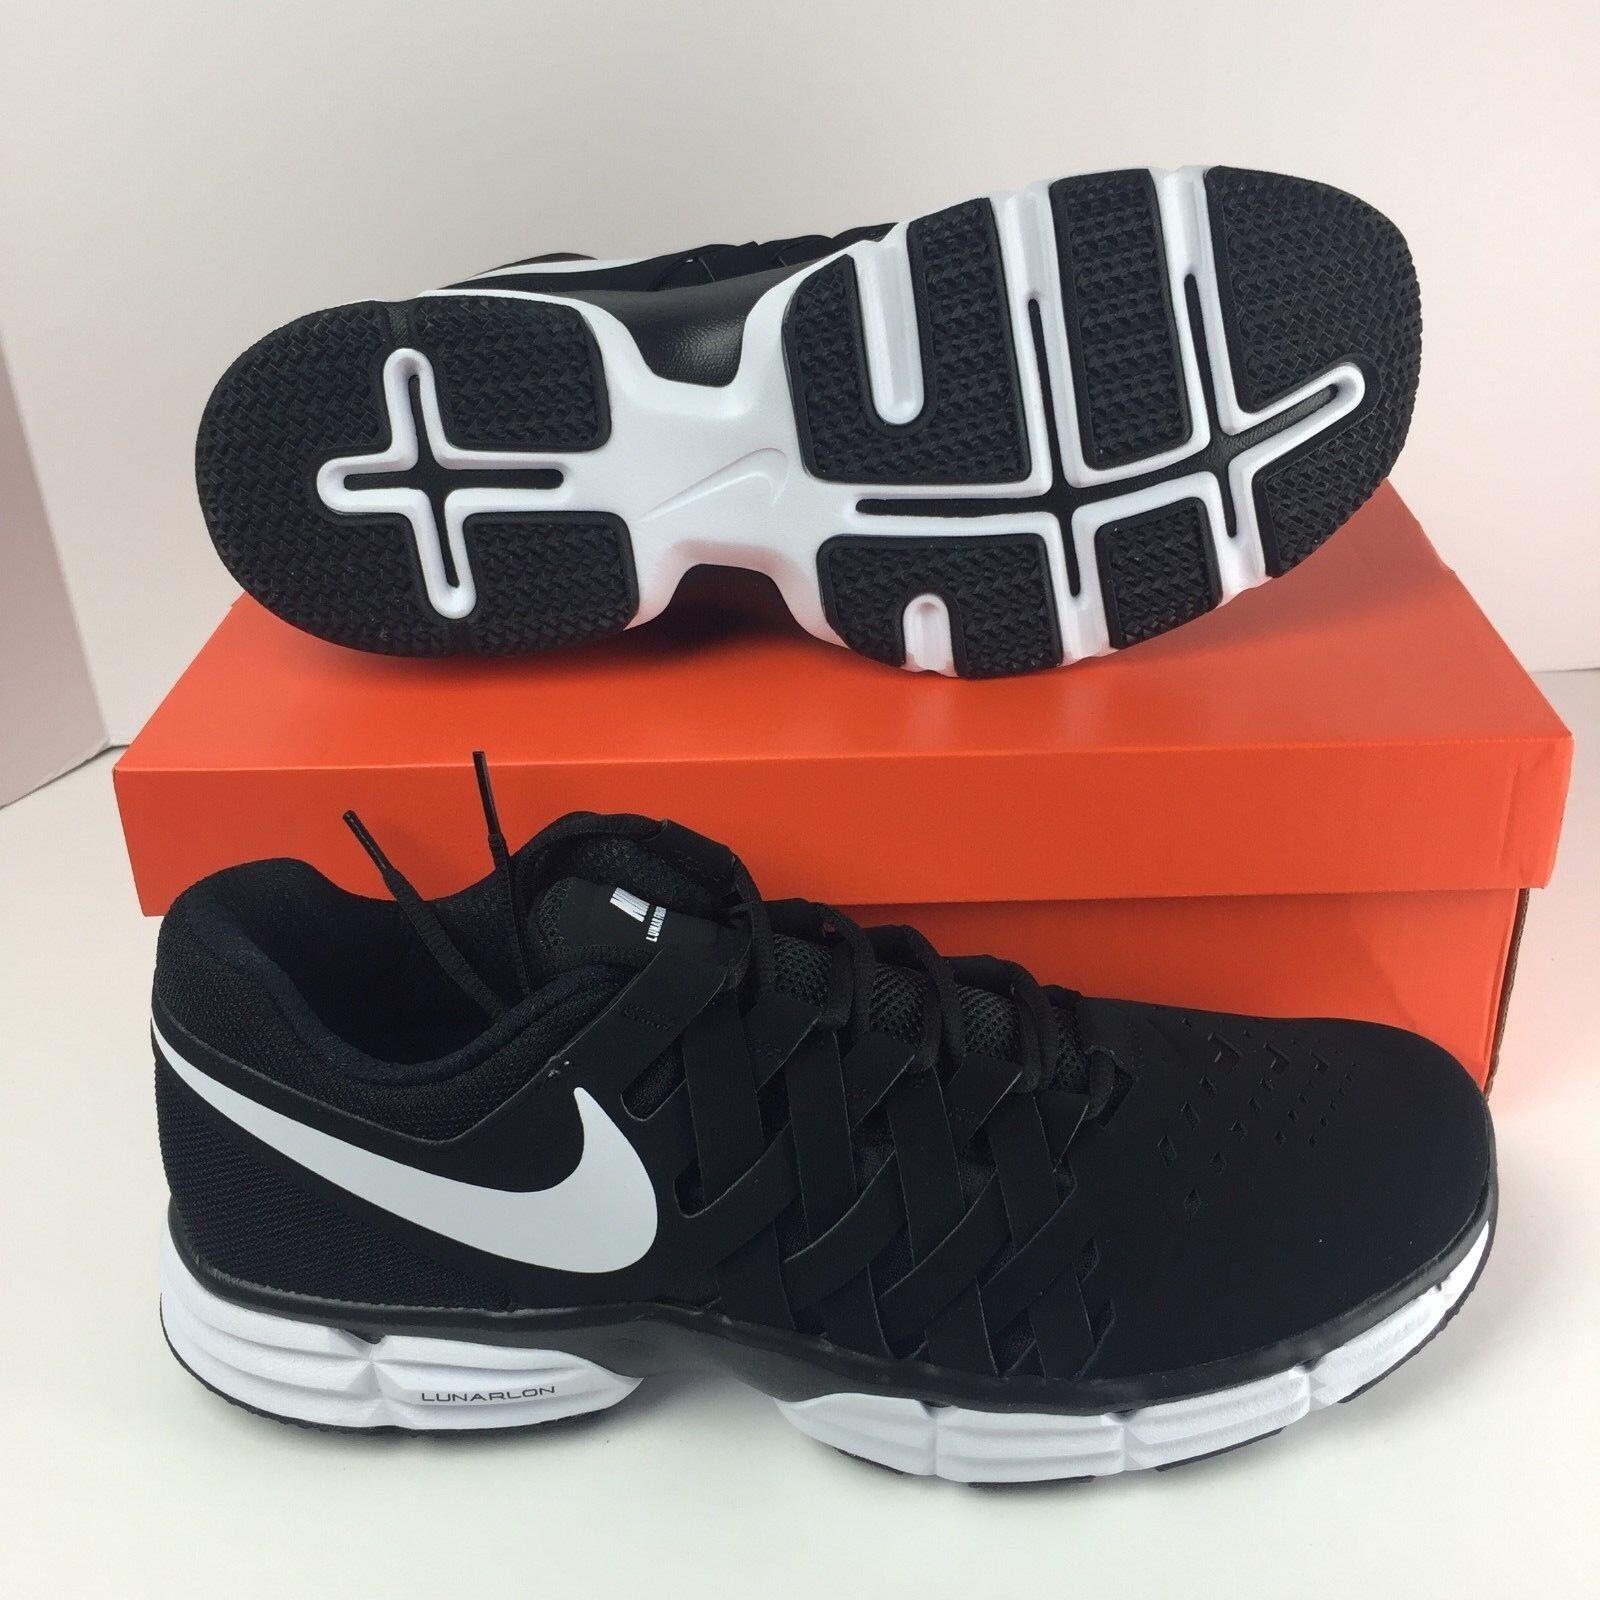 85fa2bc82e Nike Fingertrap Tr Black 898066-001 Training shoes Men's Lunar White ...